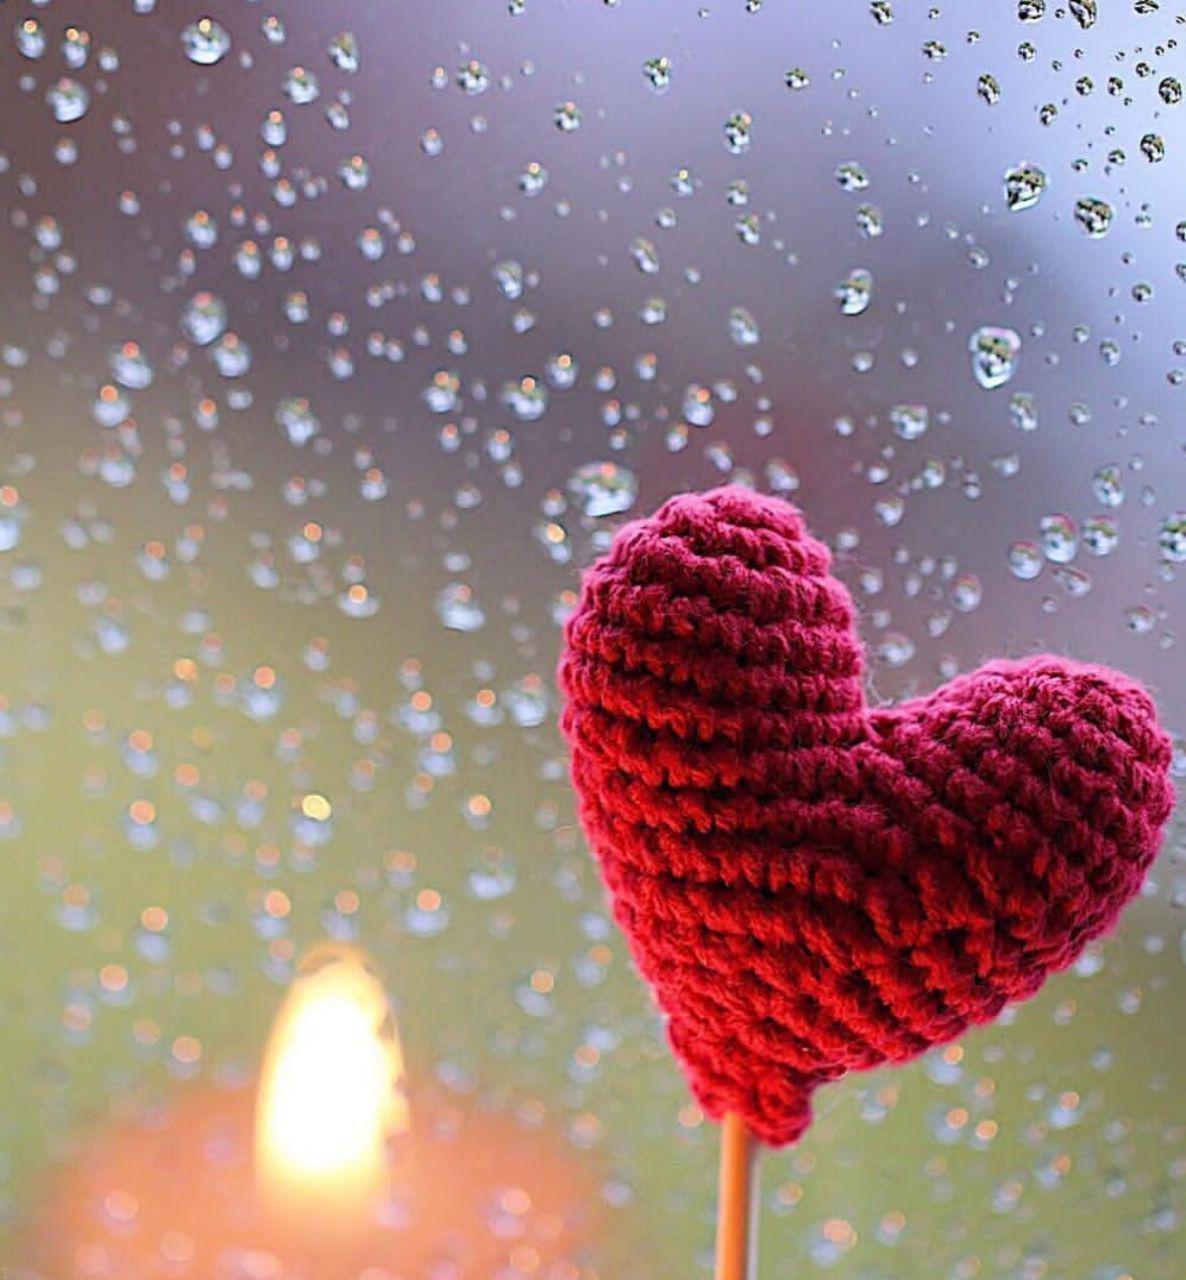 متن و پیام عاشقانه و احساسی زیبا | پیام های عاشقانه کوتاه (99)